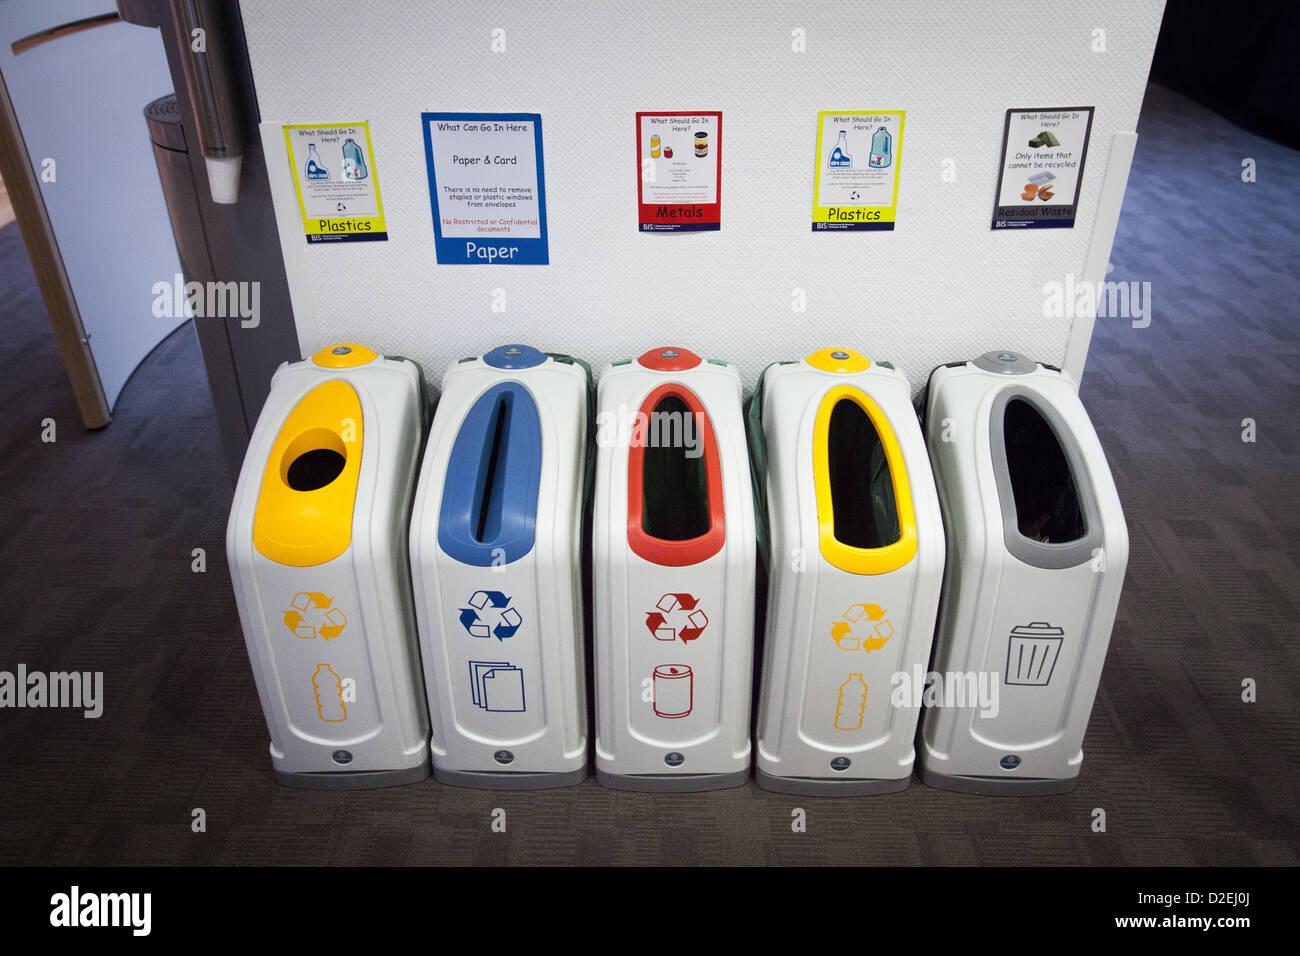 Recycling Bins In An Office In London, UK